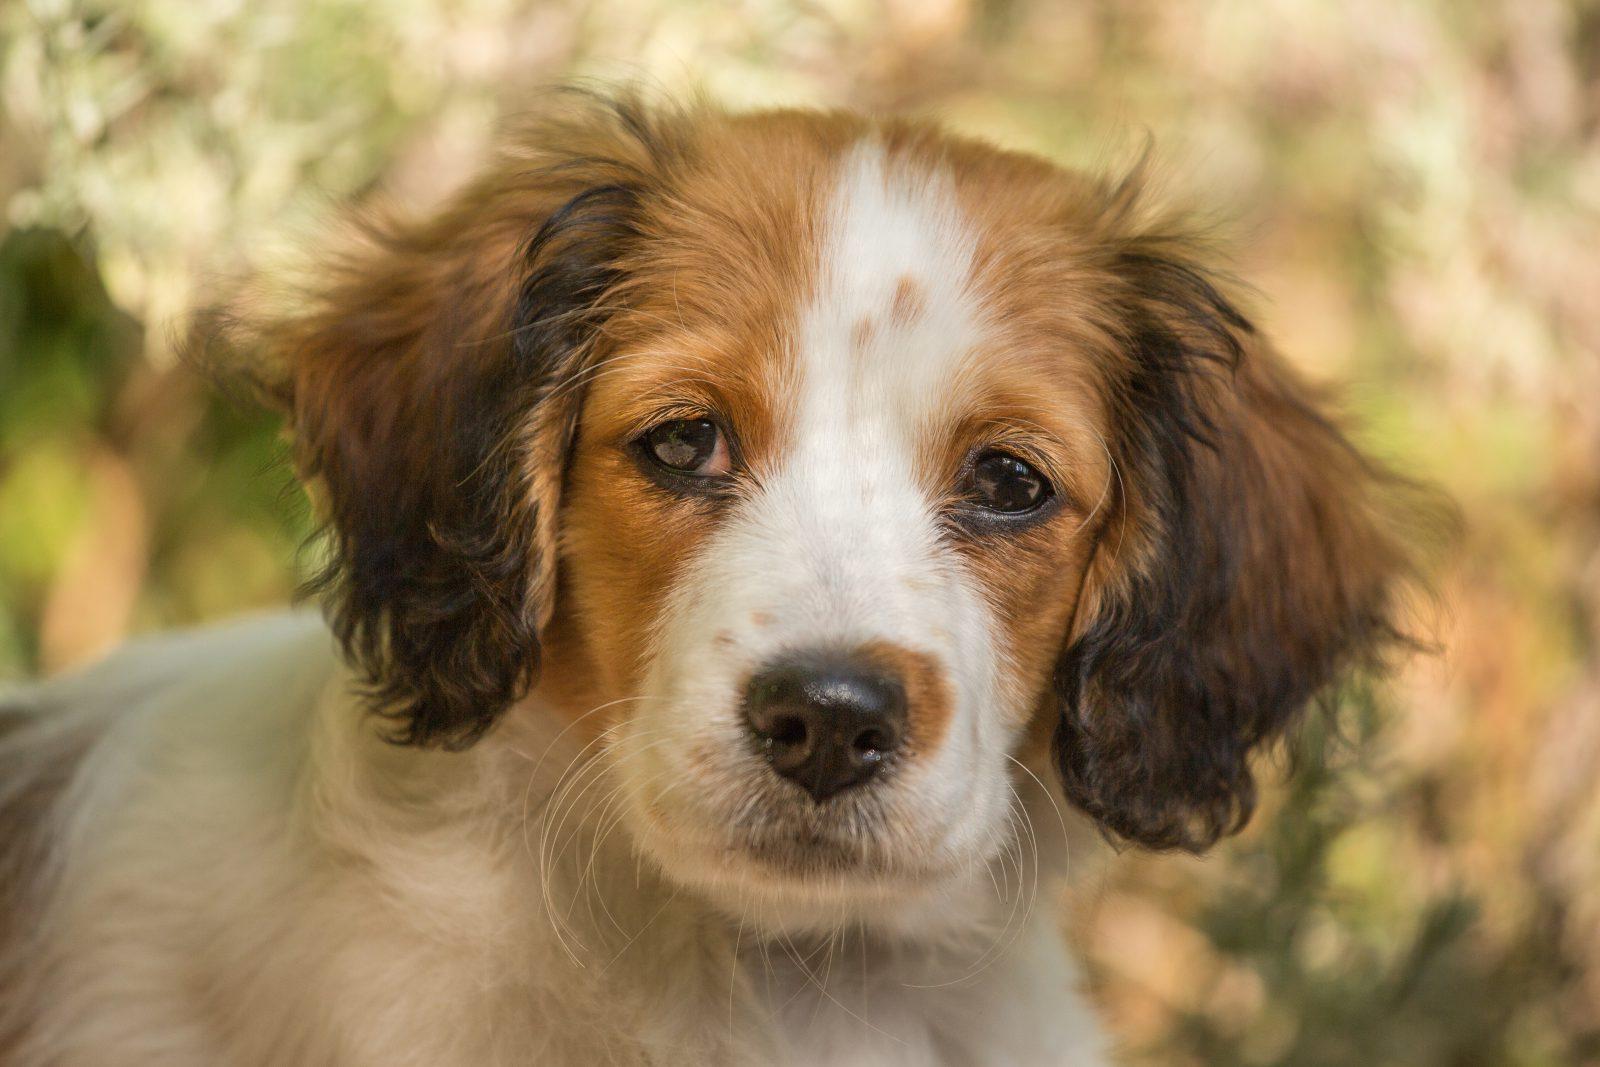 Cachorro morto: filhote de cachorro marrom e branco